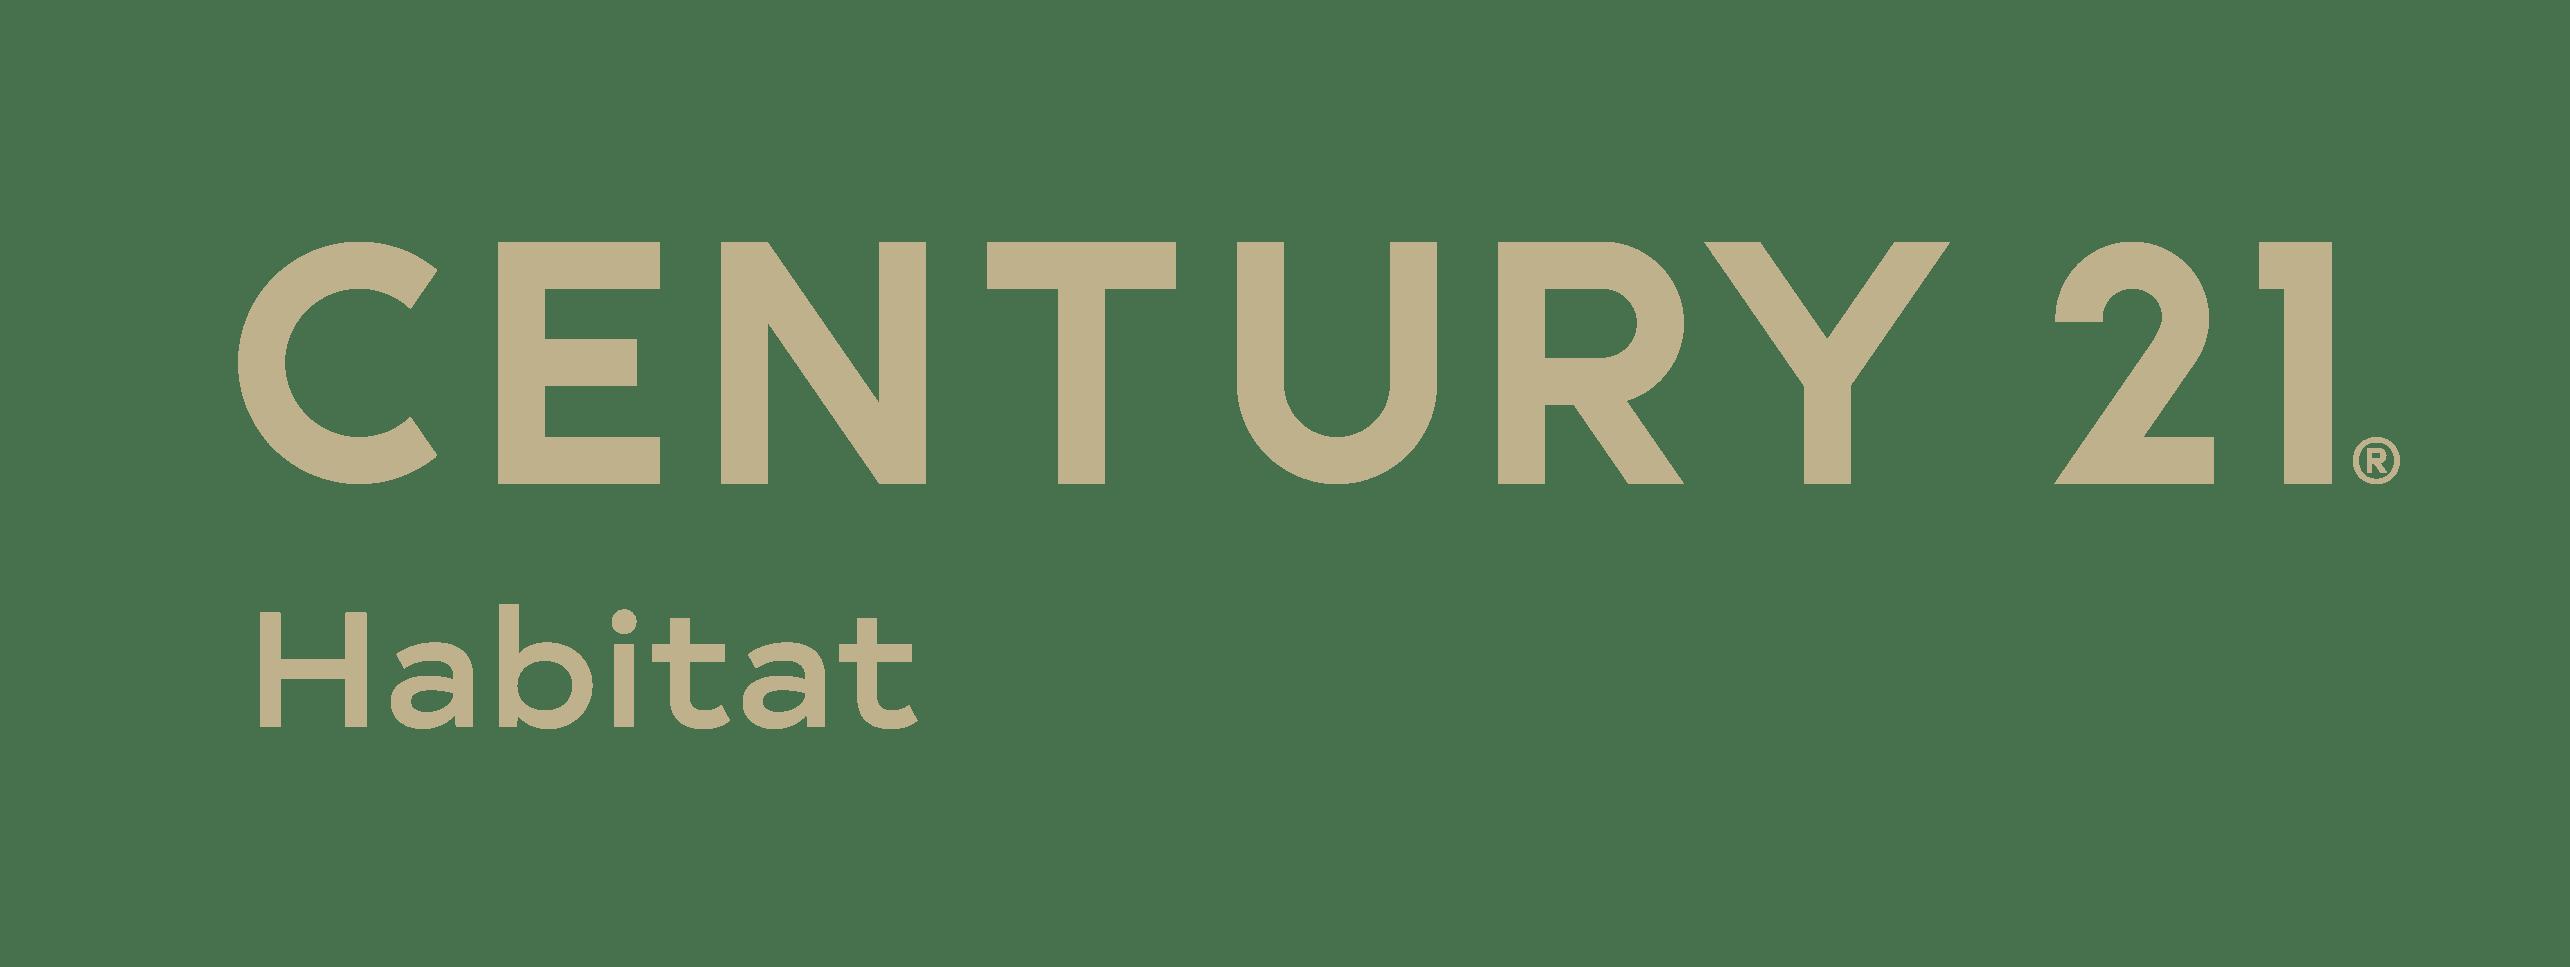 Century21habitat